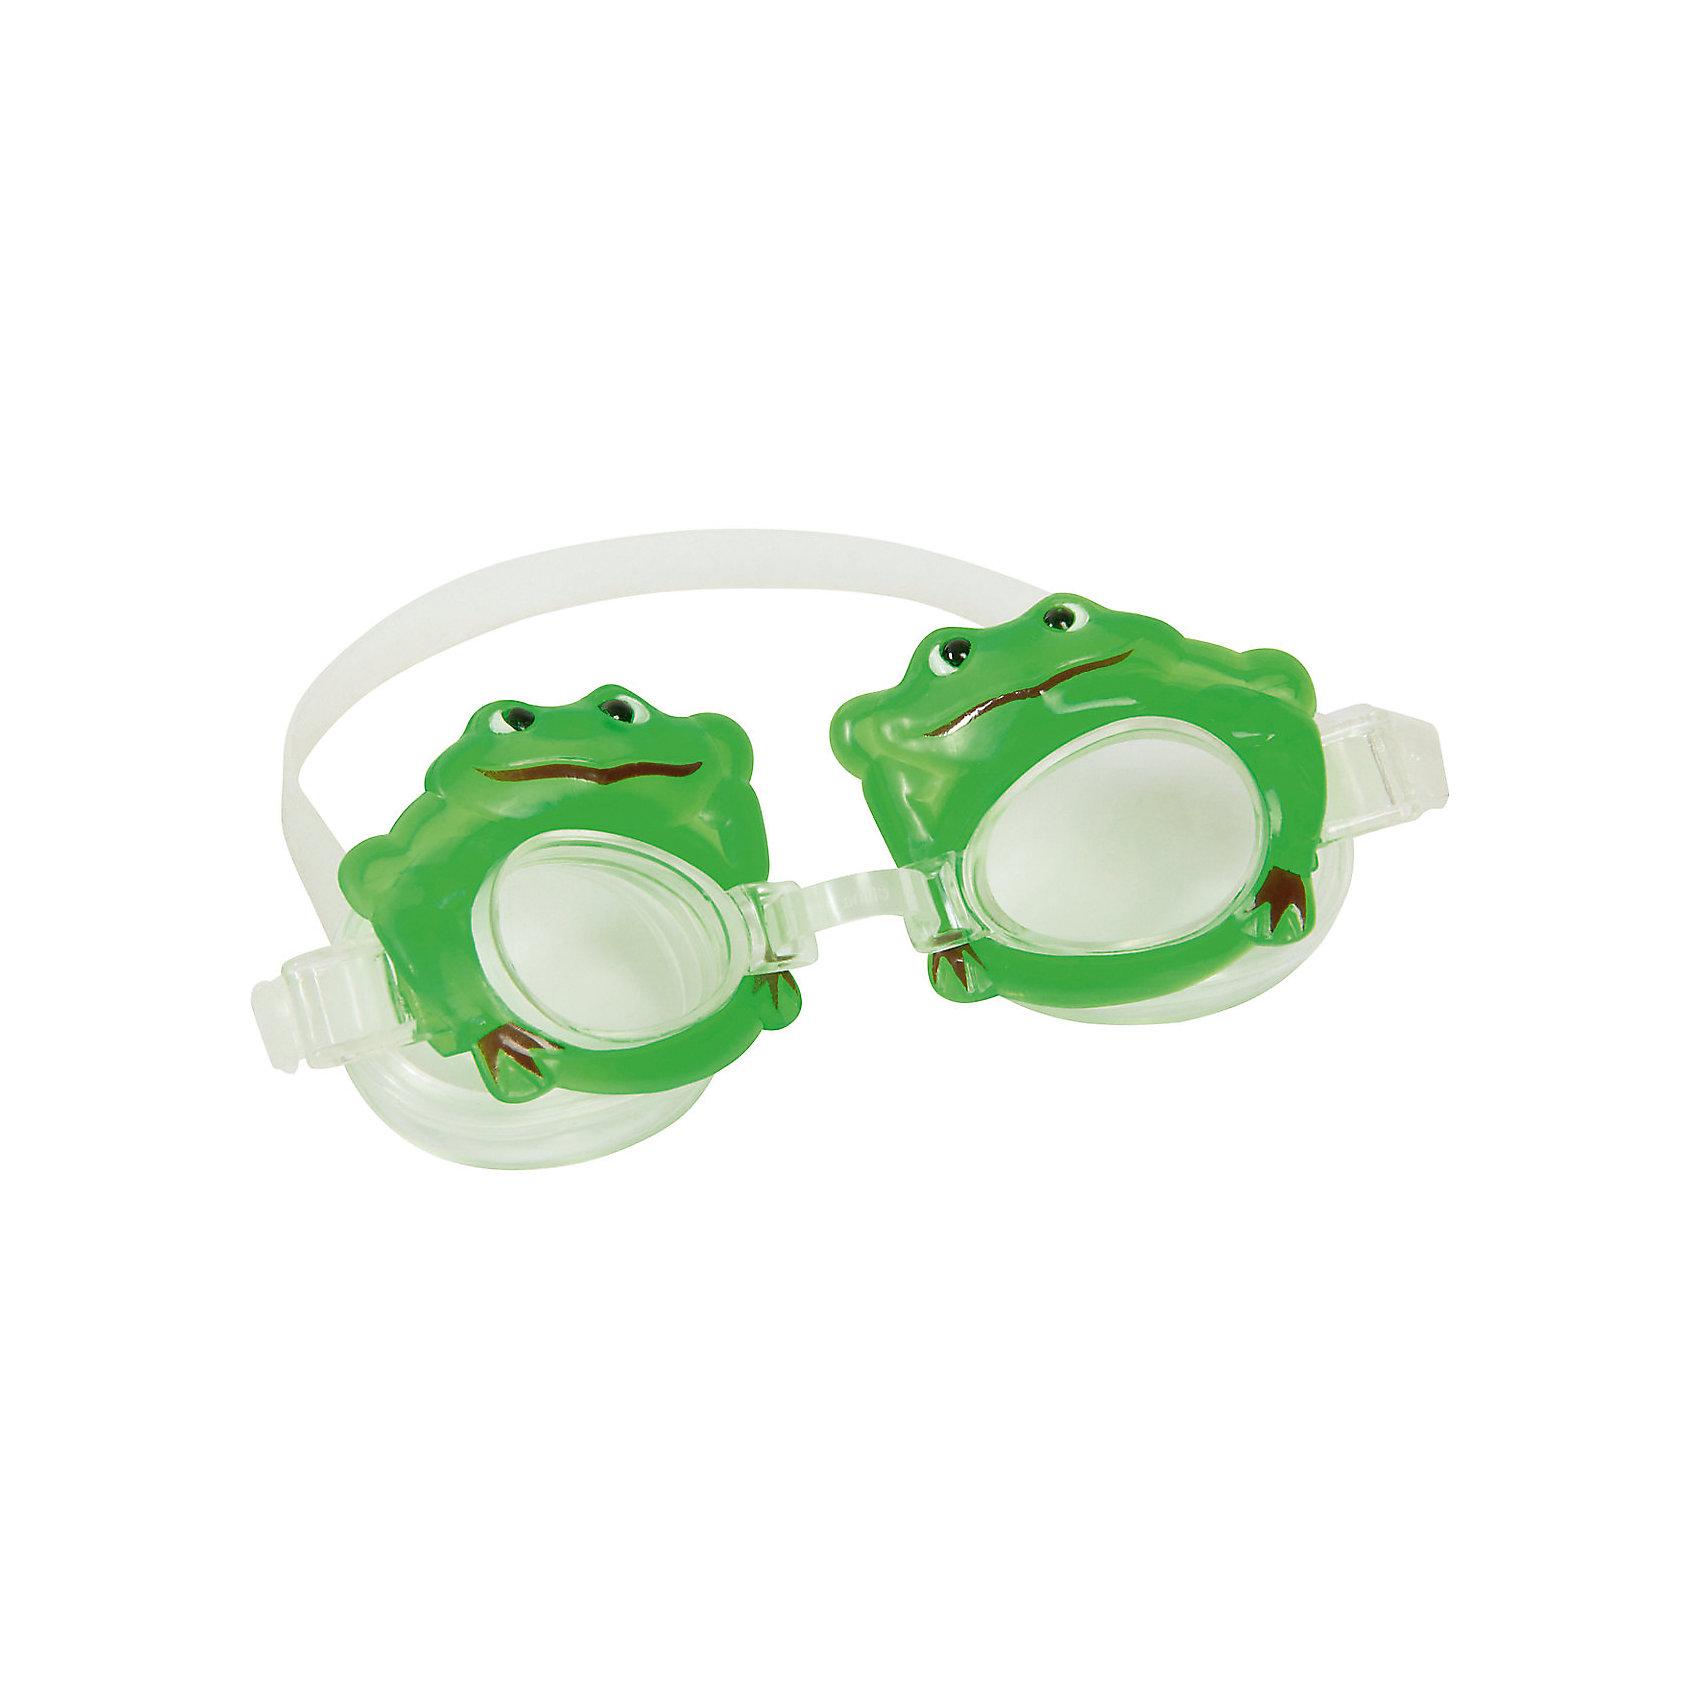 Очки для плавания детские, Bestway, зелёныеДетские очки для плавания морские животные, Bestway, замечательно подойдут тем, кто только учится плавать. Очки выполнены в оригинальном дизайне в форме морских обитателей. Качественный ударопрочный материал не раздражает кожу и полностью безопасен для детского<br>здоровья. Очки оснащены линзами со специальным покрытием для предотвращения запотевания, плотно прилегают к лицу и надёжно фиксируются регулируемым ремешком. Оправа из гипоаллергенного и мягкого на ощупь термопластика обеспечивают комфорт во время использования. В ассортименте 4 дизайна в виде морских животных. Подходит для детей от 3 лет.<br><br>Дополнительная информация:<br><br>- Материал: поликарбонат, резина/латекс.<br>- Размер упаковки: 20 х 10 х 3 см.<br>- Вес: 17 гр.<br><br>Очки для плавания детские, морские животные в ассортименте, Bestway, можно купить в нашем интернет-магазине.<br><br>ВНИМАНИЕ! Данный артикул имеется в наличии в разных вариантах исполнения. Заранее выбрать определенный вариант нельзя. При заказе нескольких наборов возможно получение одинаковых.<br><br>Ширина мм: 205<br>Глубина мм: 168<br>Высота мм: 36<br>Вес г: 71<br>Возраст от месяцев: 36<br>Возраст до месяцев: 2147483647<br>Пол: Унисекс<br>Возраст: Детский<br>SKU: 4980619